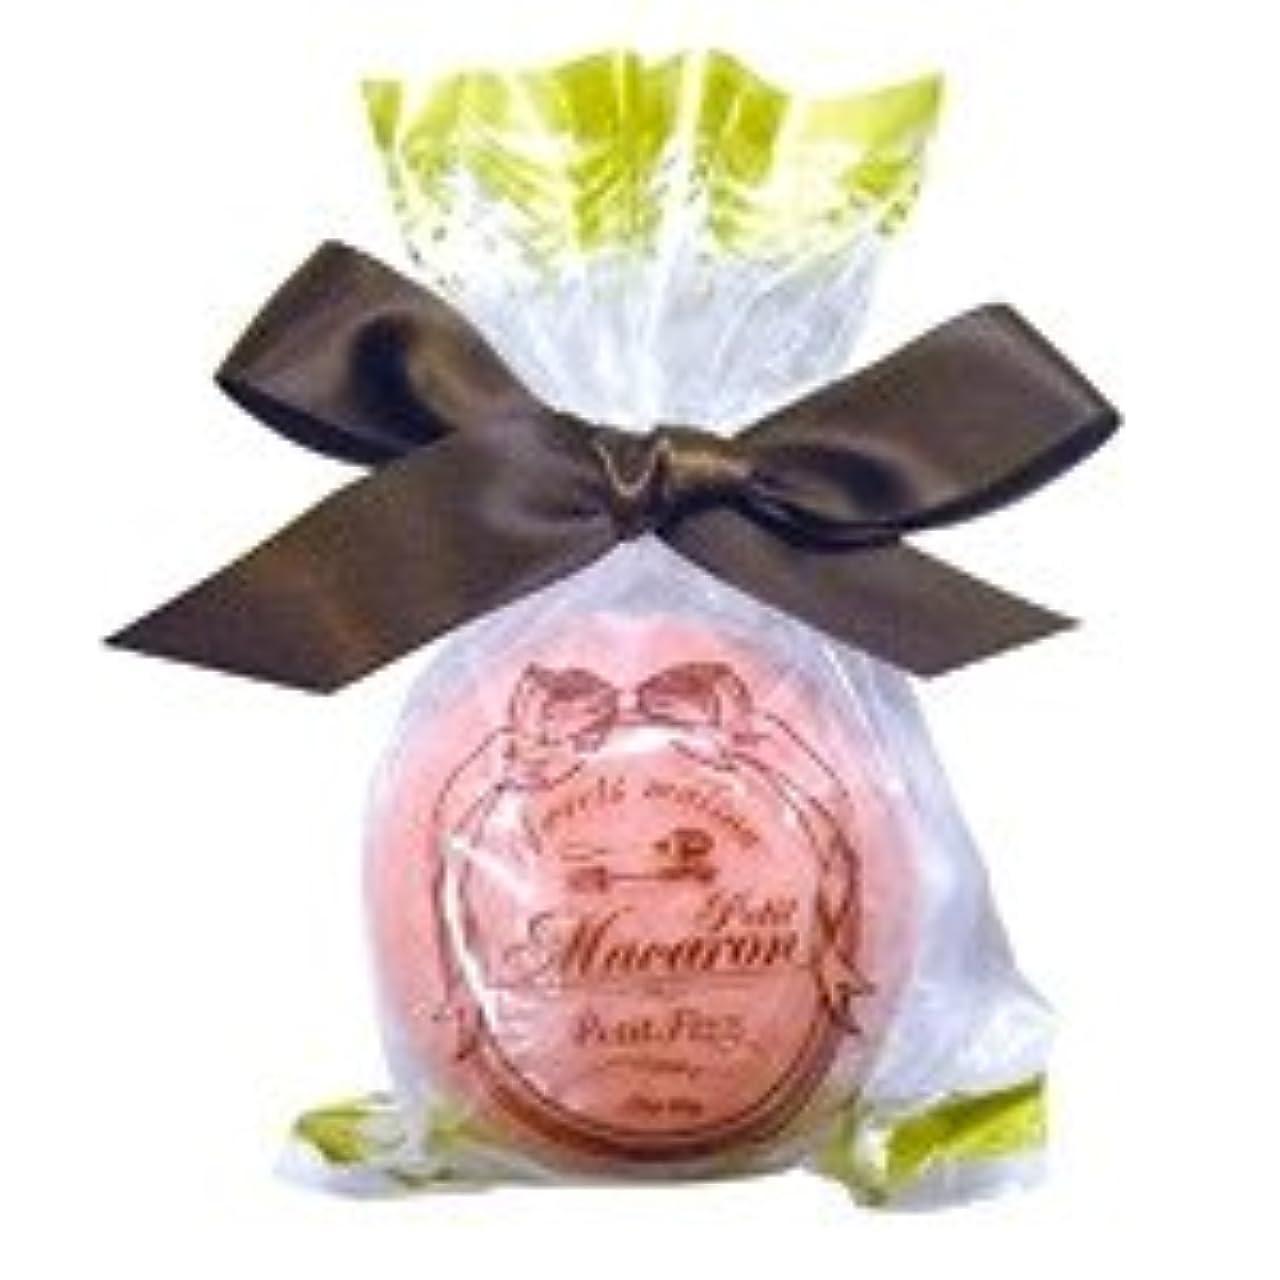 平衡クロニクルユーモアスウィーツメゾン プチマカロンフィズ「ダークピンク」12個セット 華やかなローズの香り